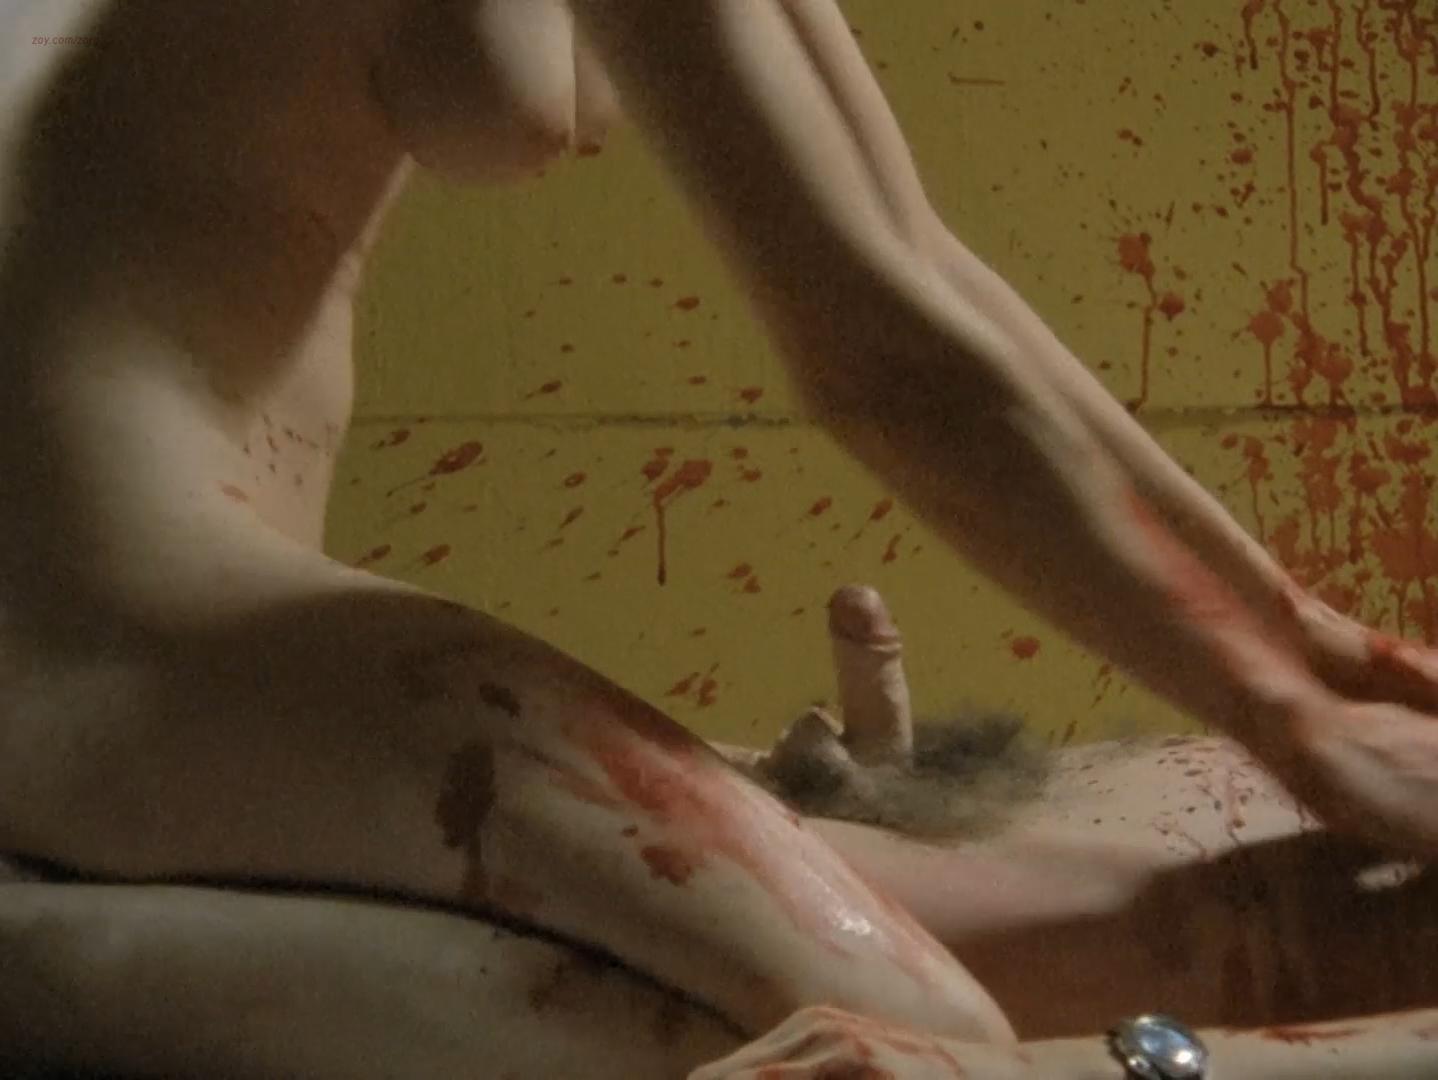 Camille de pazzis nude nicolas le floch s03e01 - 3 part 6